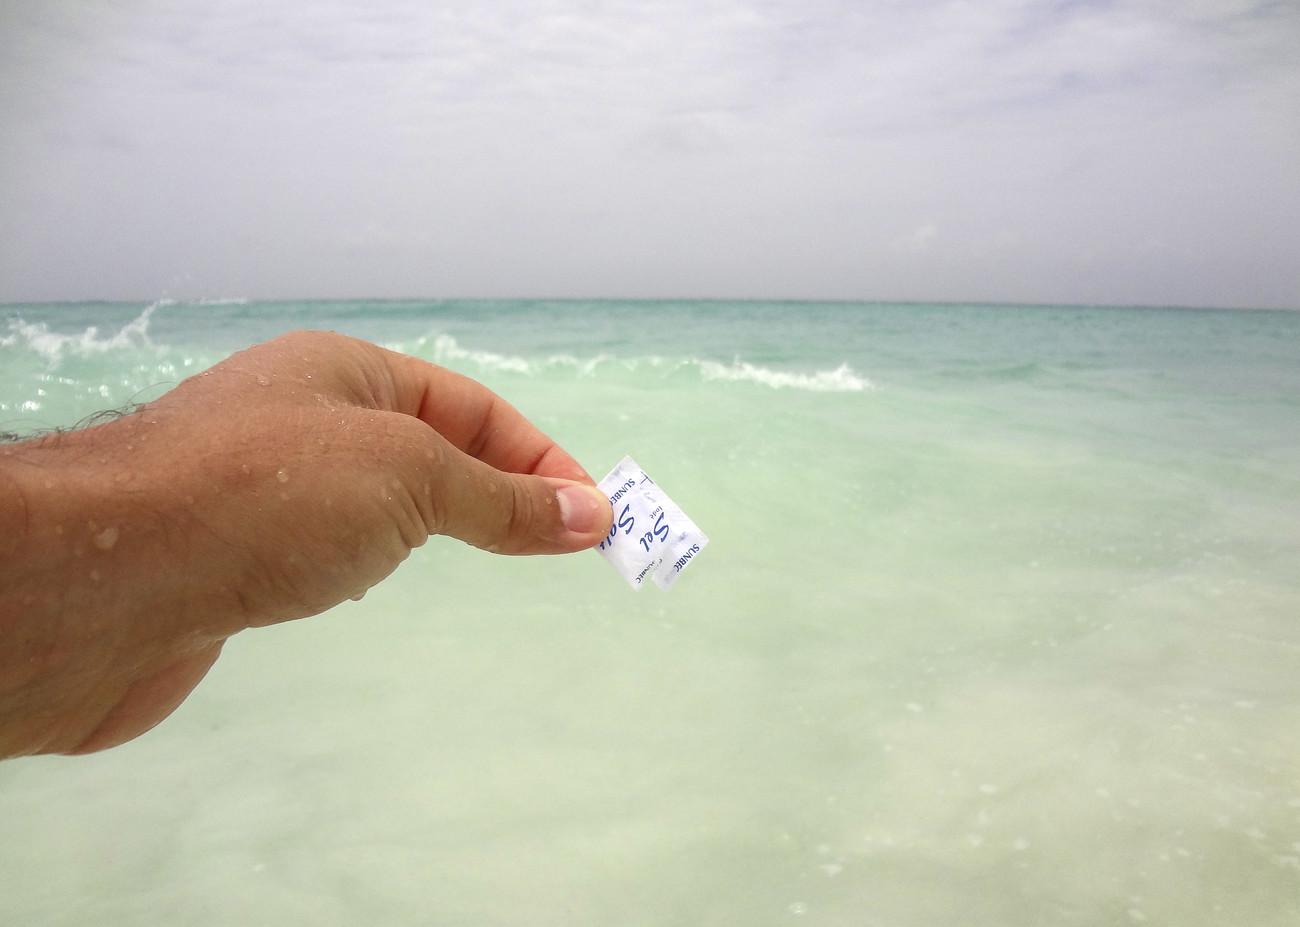 Steve Giasson. Performance invisible n° 7 (Ajouter une pincée de sel dans la mer). Performeur : Daniel Roy. Crédit photographique : Daniel Roy. Cuba, mai 2015.